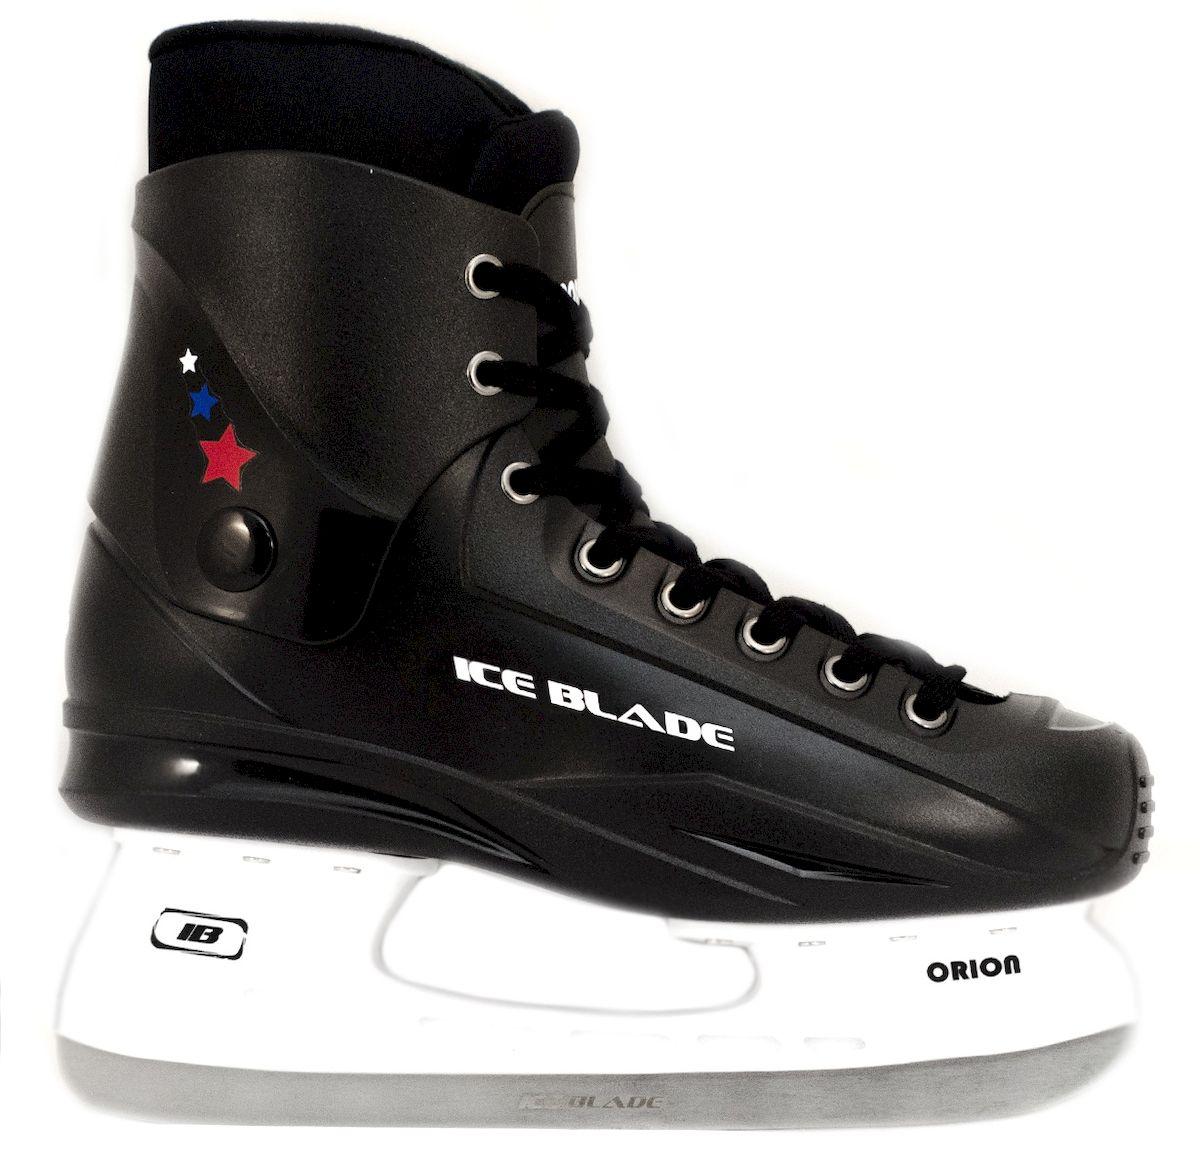 Коньки хоккейные Ice Blade Orion, цвет: черный. УТ-00004984. Размер 44